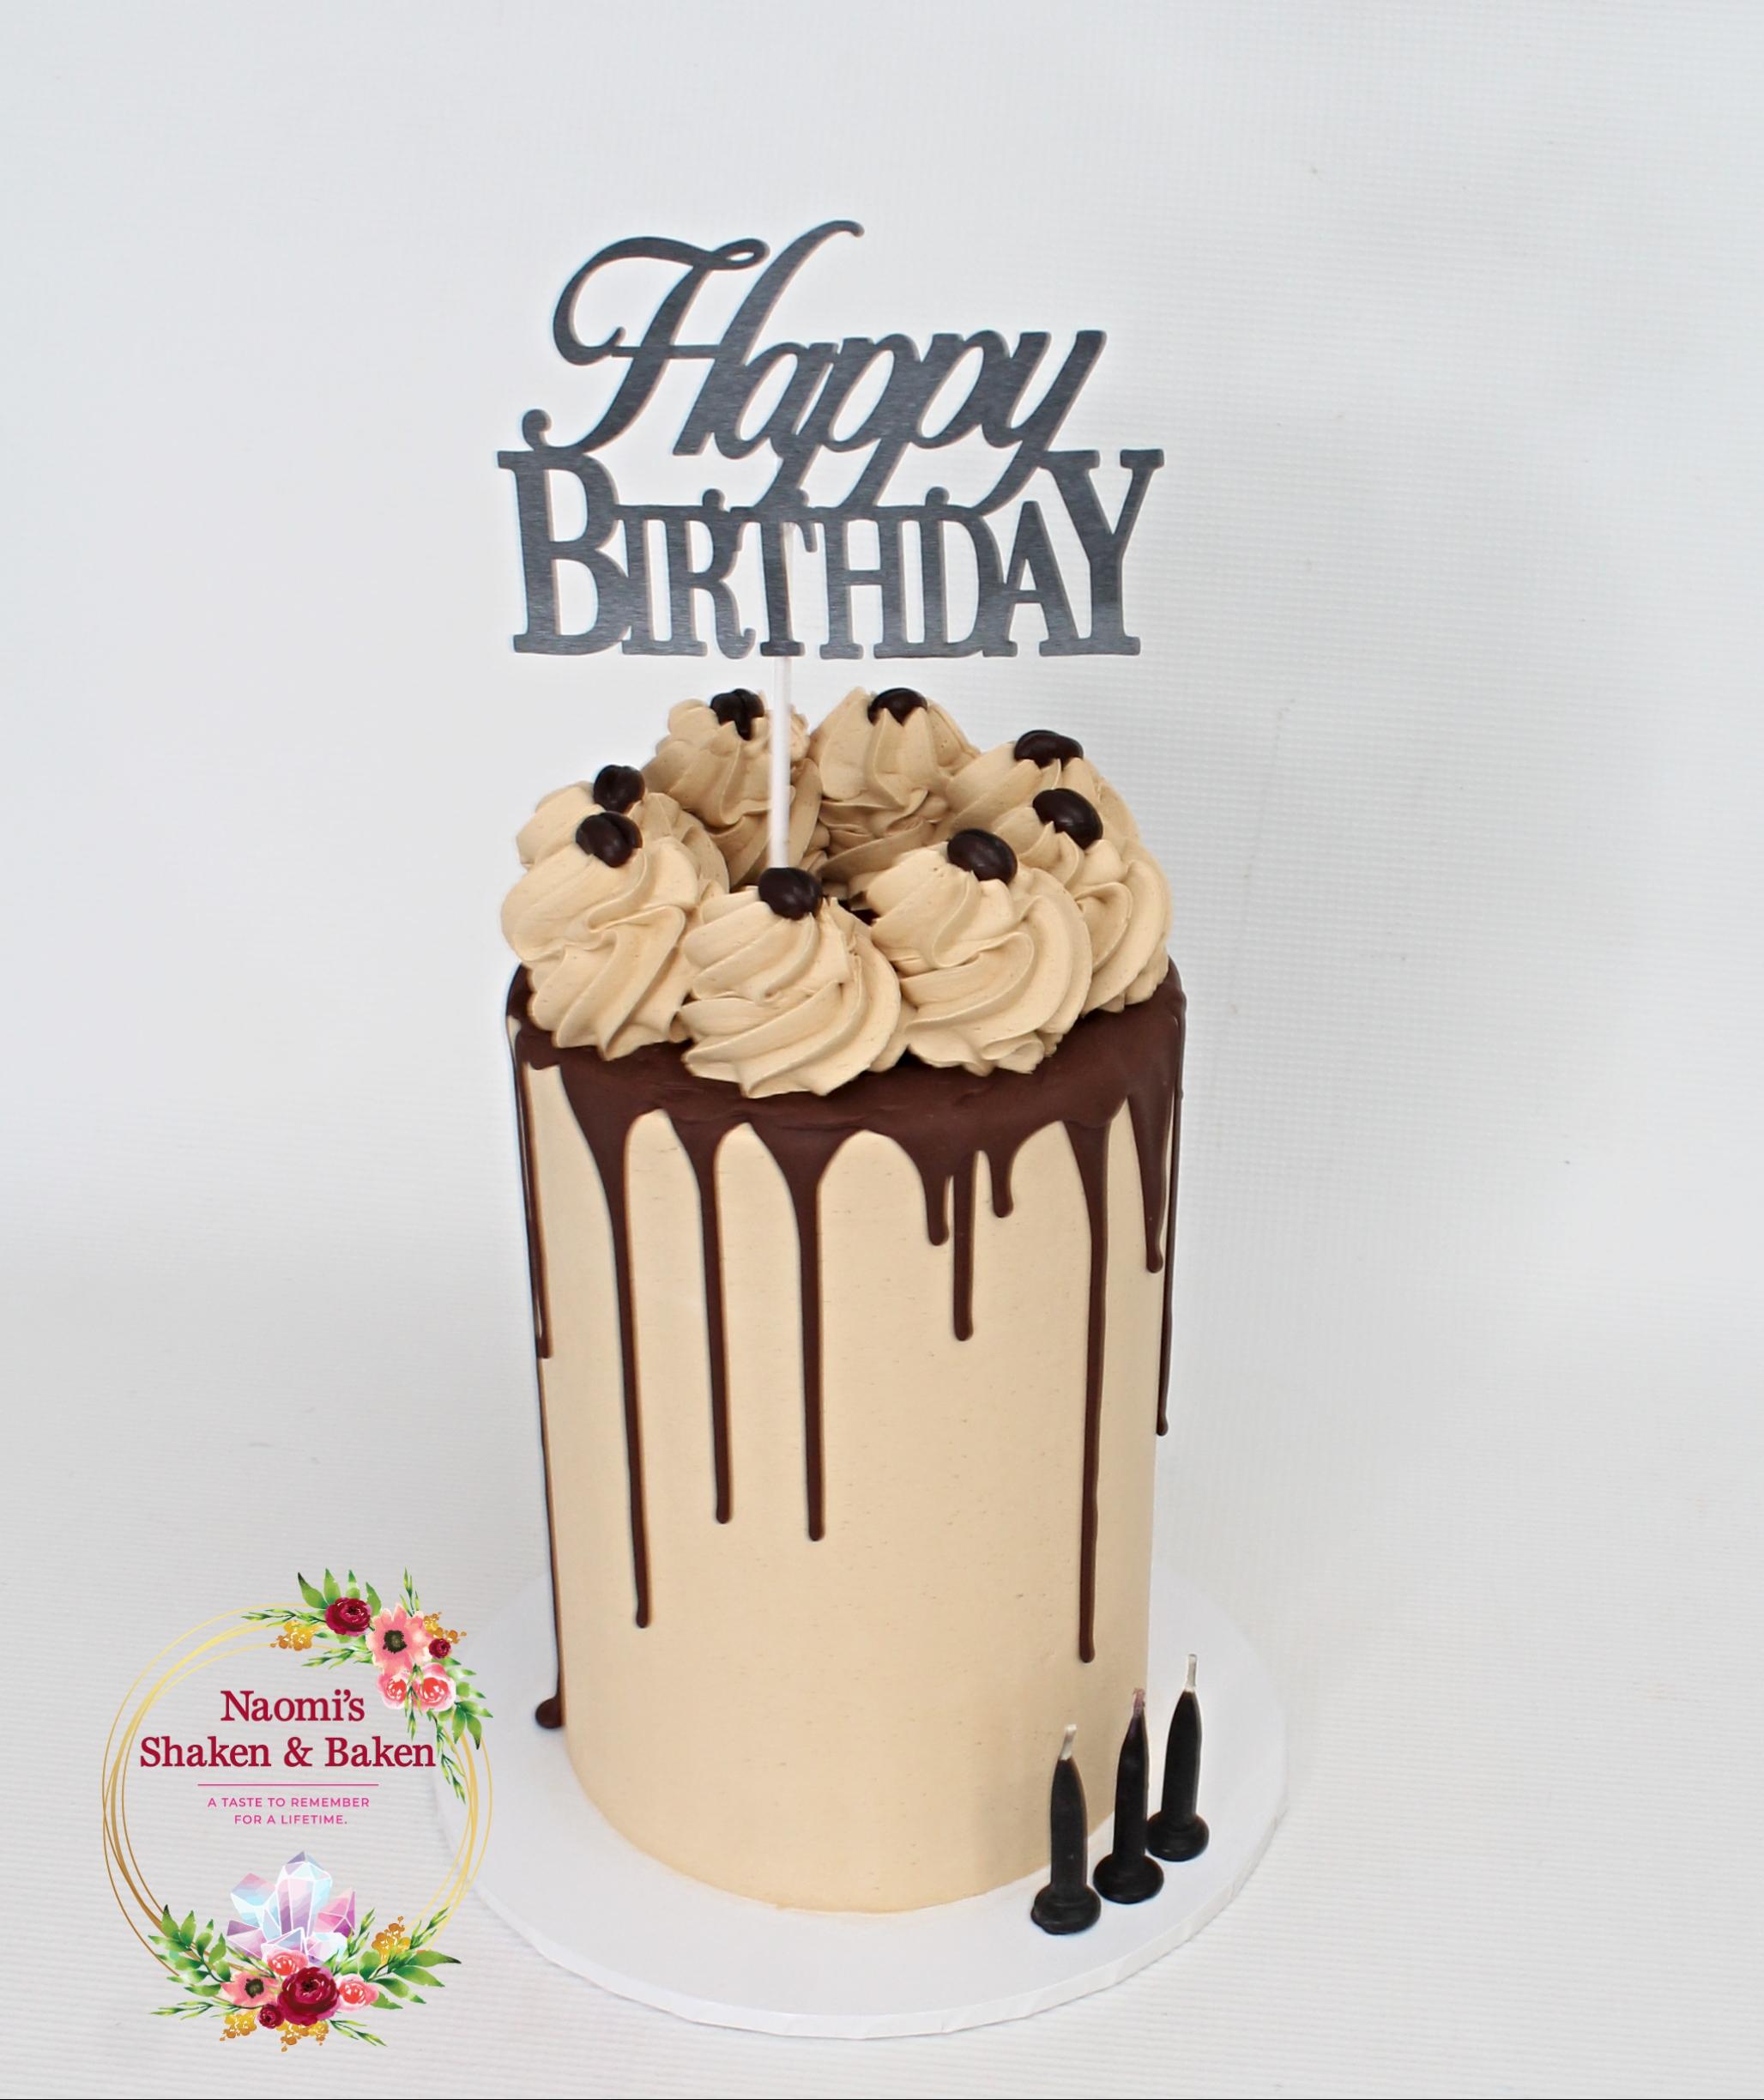 Coffee Kuhlua Birthday Cake